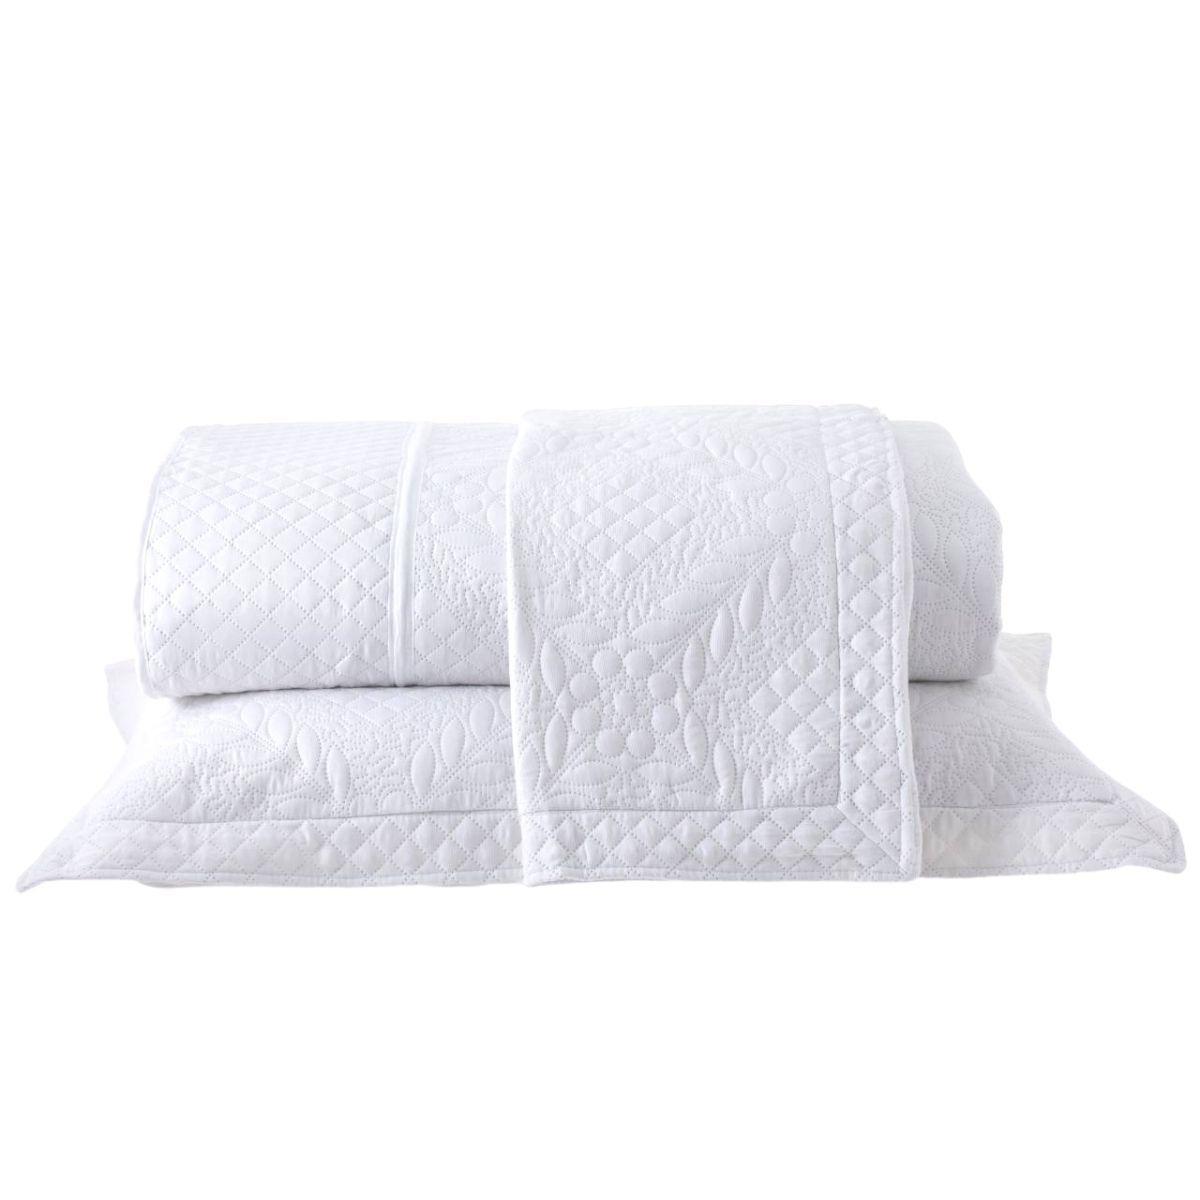 Kit: 1 Colcha Cobre-leito Provence Casal de Microfibra Ultrasonic + 2 Porta-travesseiros Branco Star